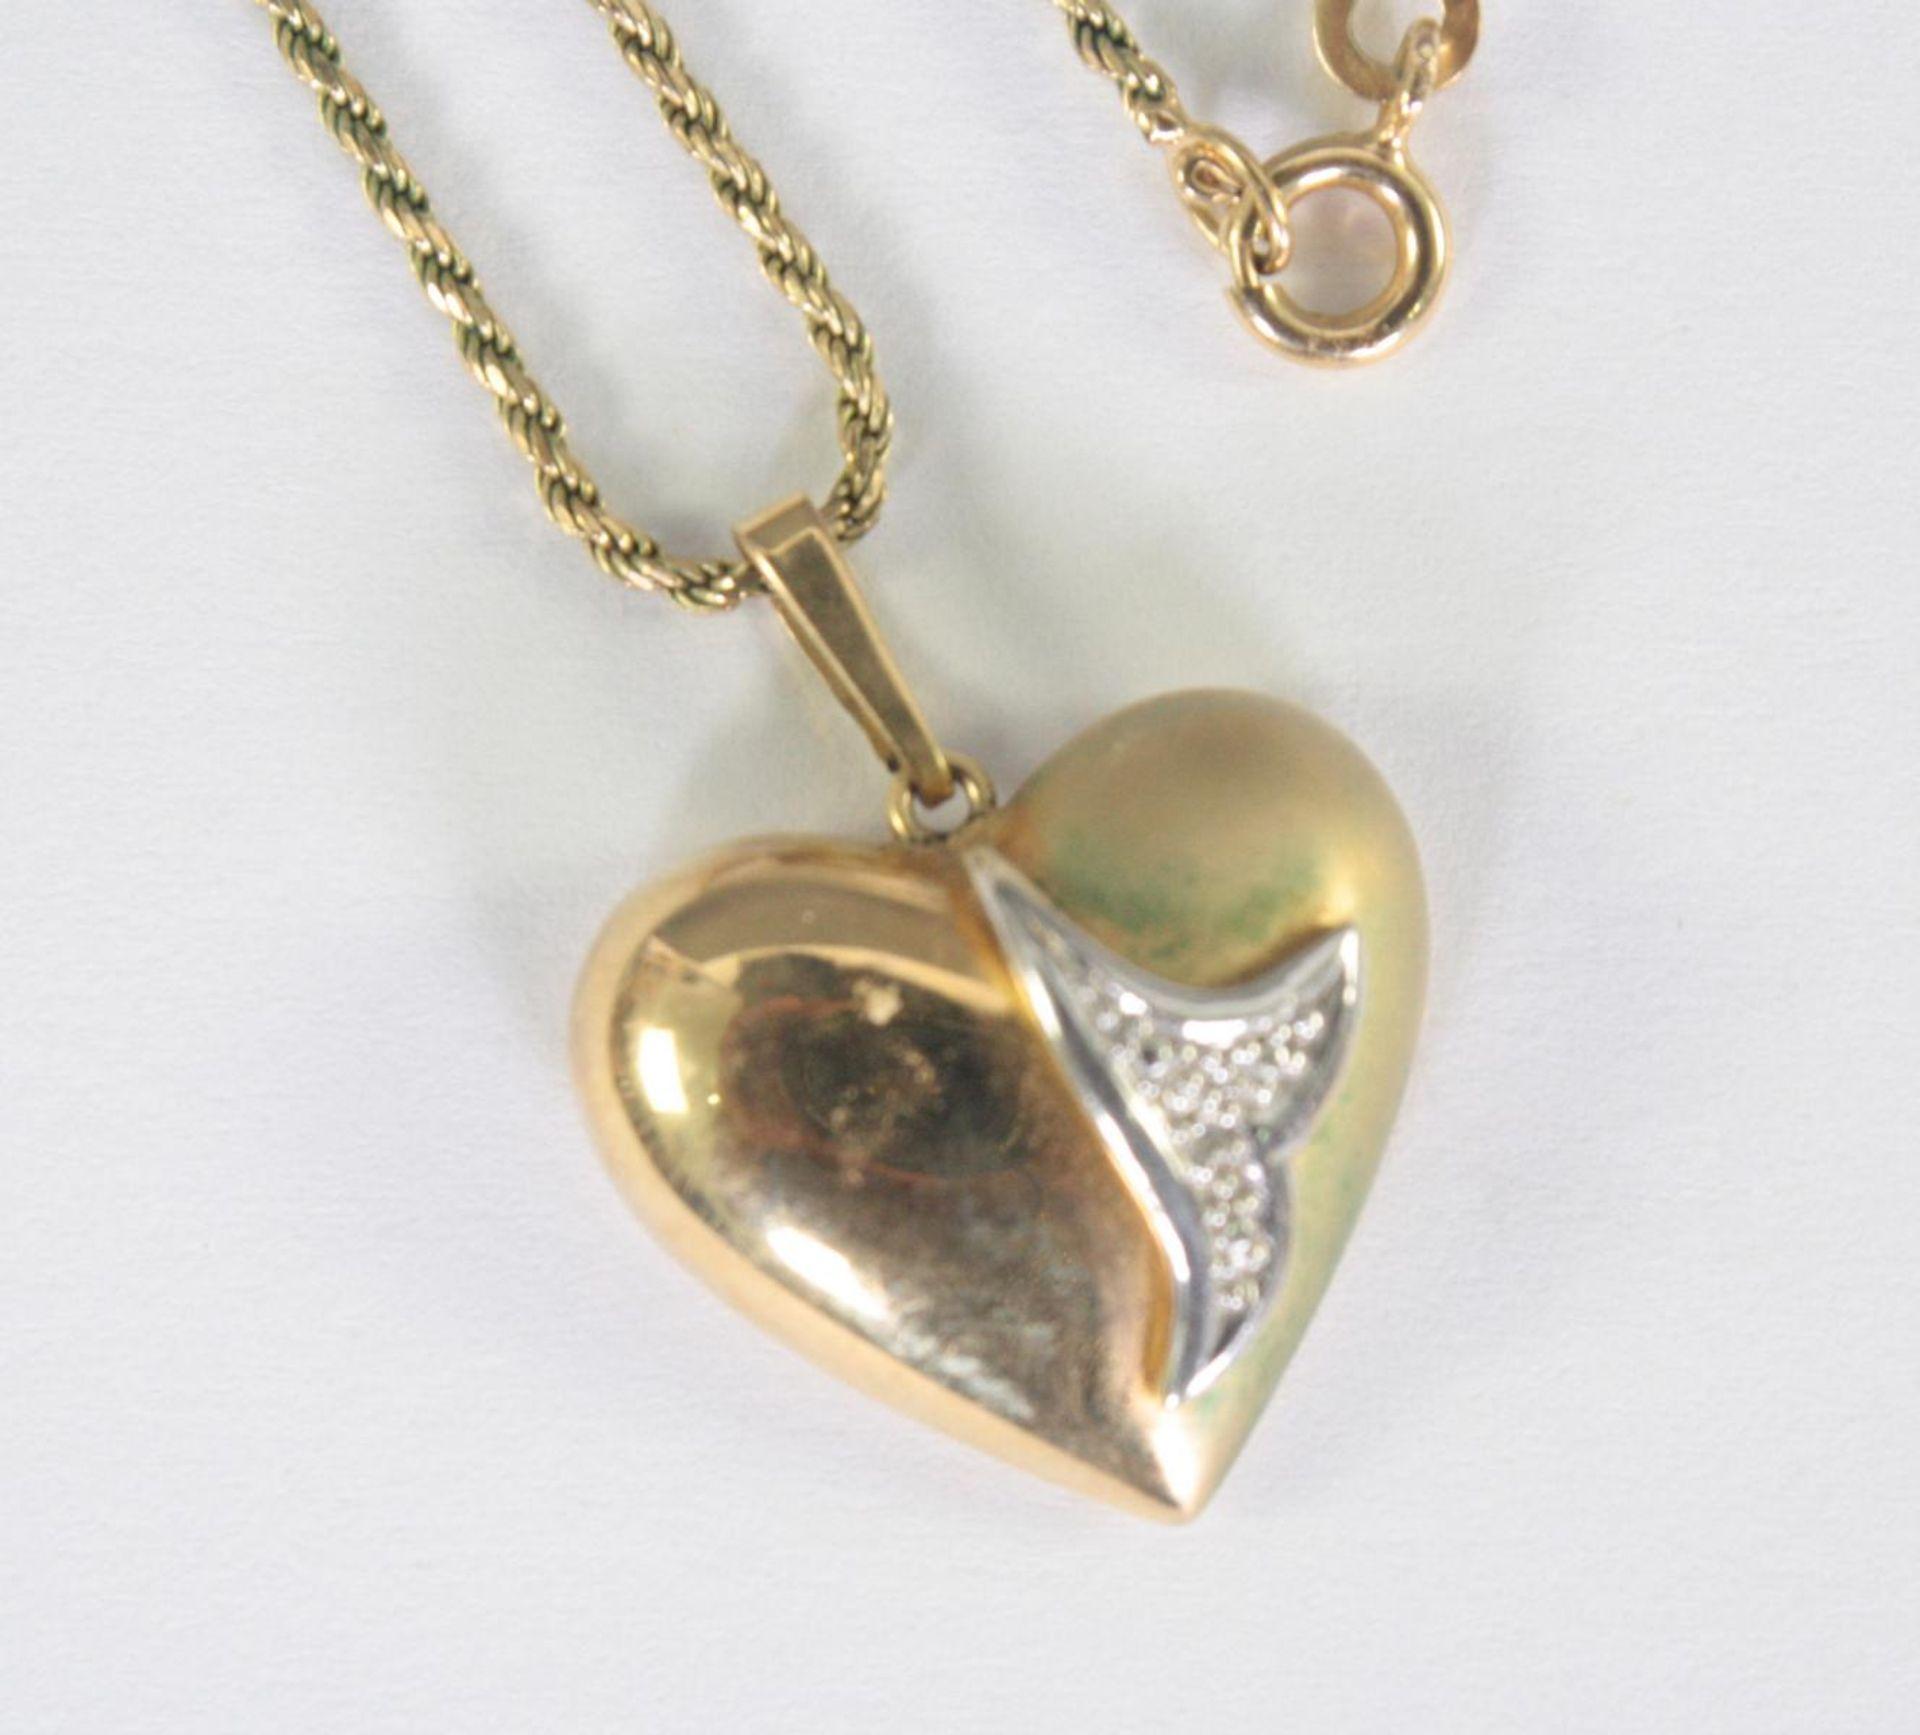 Halskette mit Herzanhänger, 8 Karat Gelbgold - Bild 2 aus 2